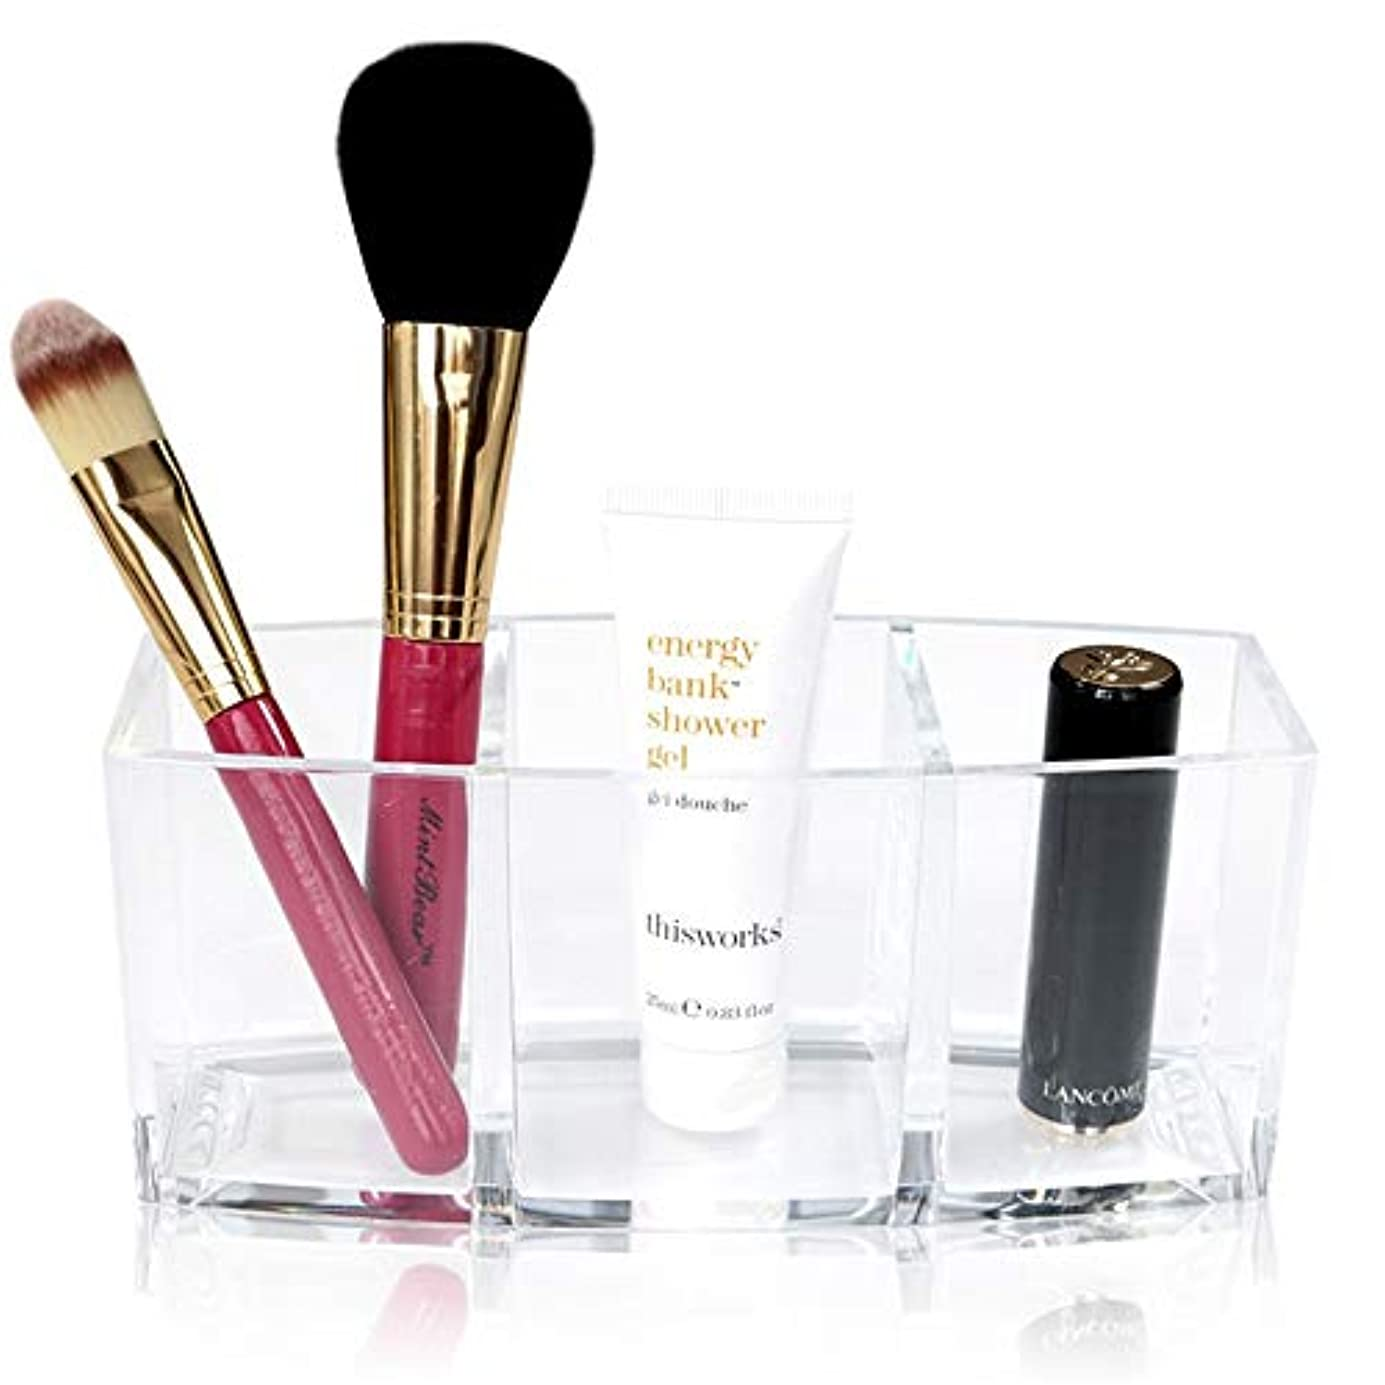 残る慰め立場整理簡単 シンプルなアクリル化粧ブラシと化粧品ホルダーオーガナイザー収納付き3コンパートメント誕生日プレゼント用彼女のアクリルデスクオーガナイザー (Color : Clear, Size : 18*7*8CM)